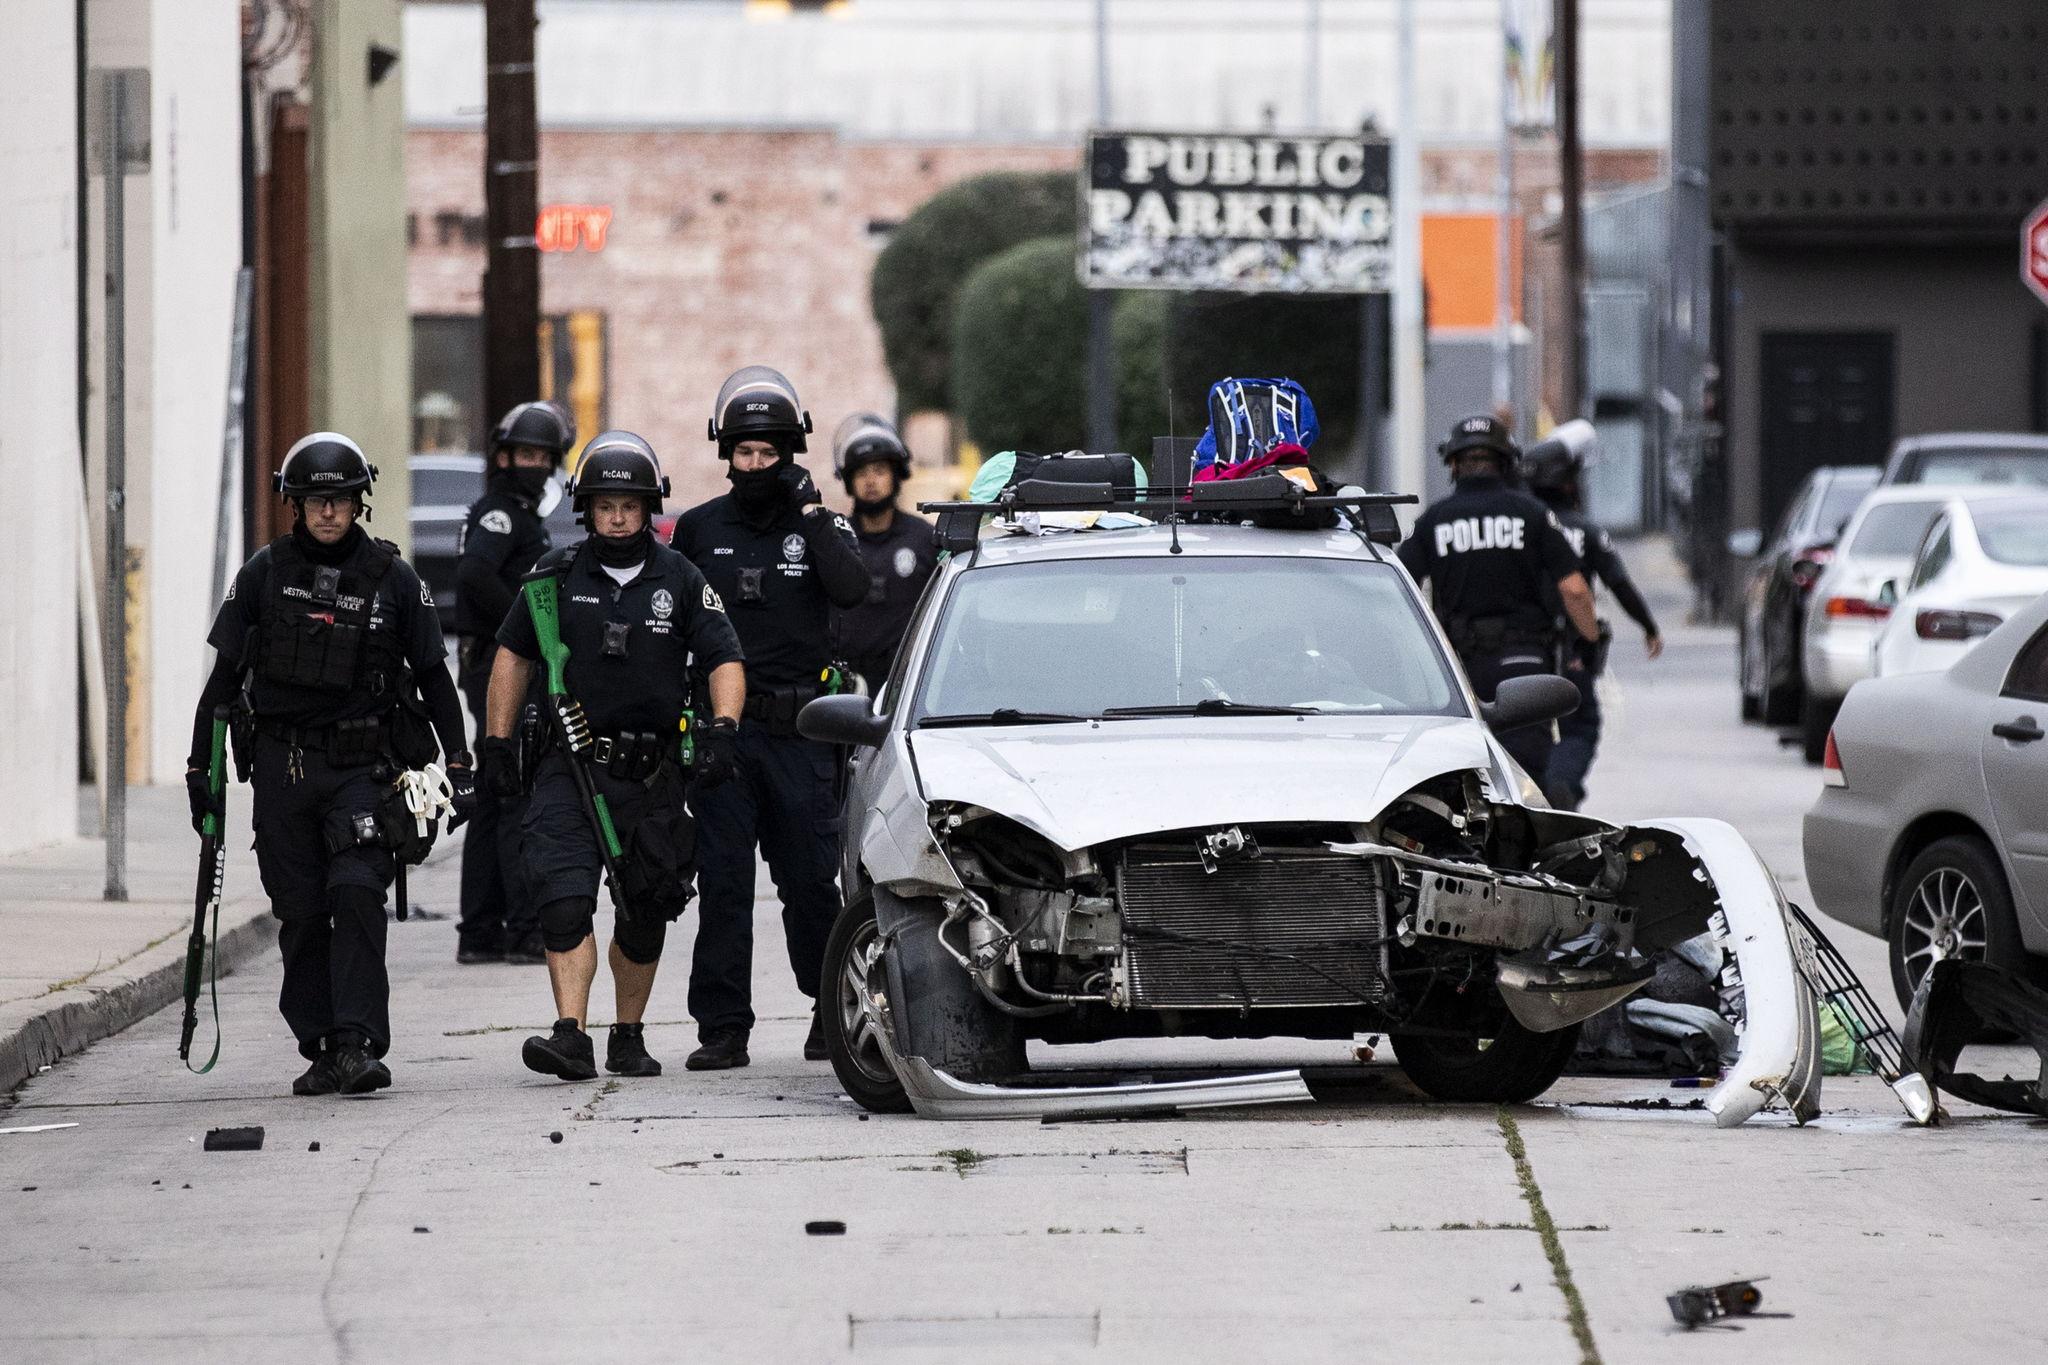 Varios policías avanzan por las calles de Hollywood, California, entre vehículos quemados en la noche del lunes.